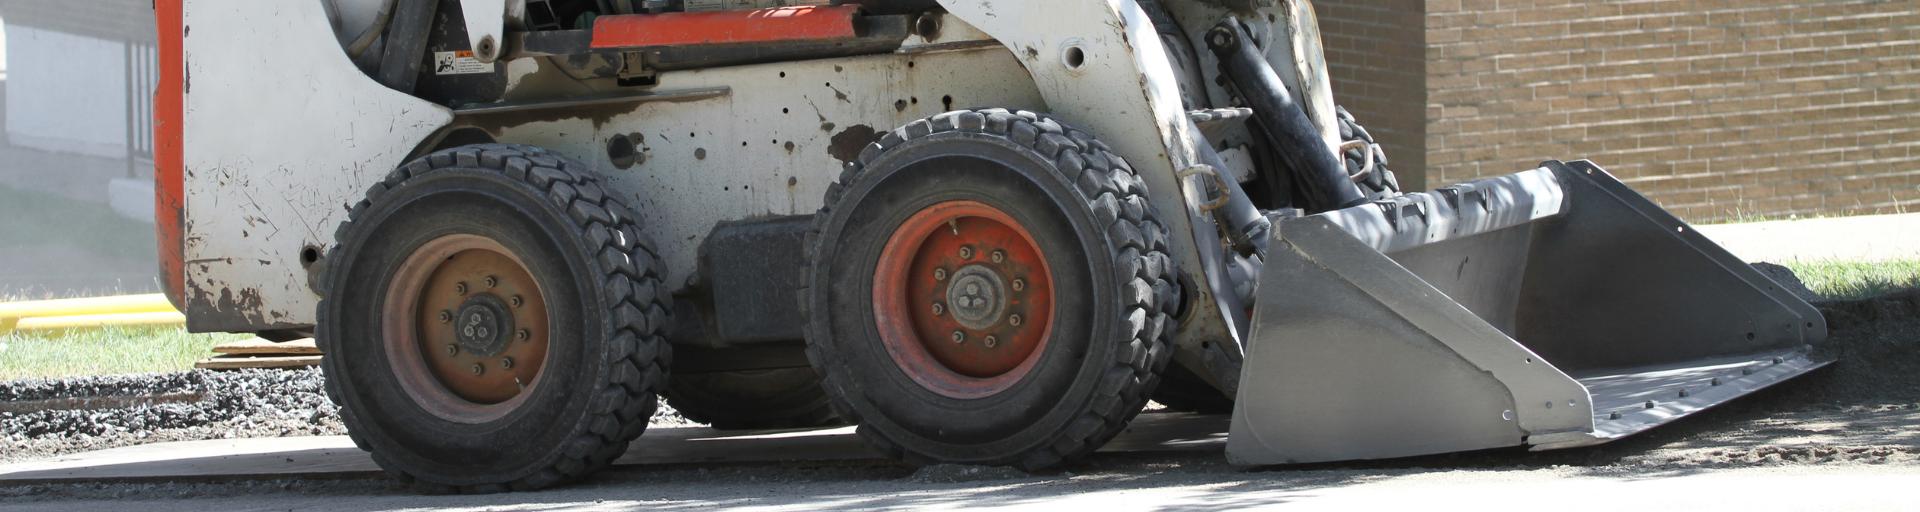 skid loader rental equipment image